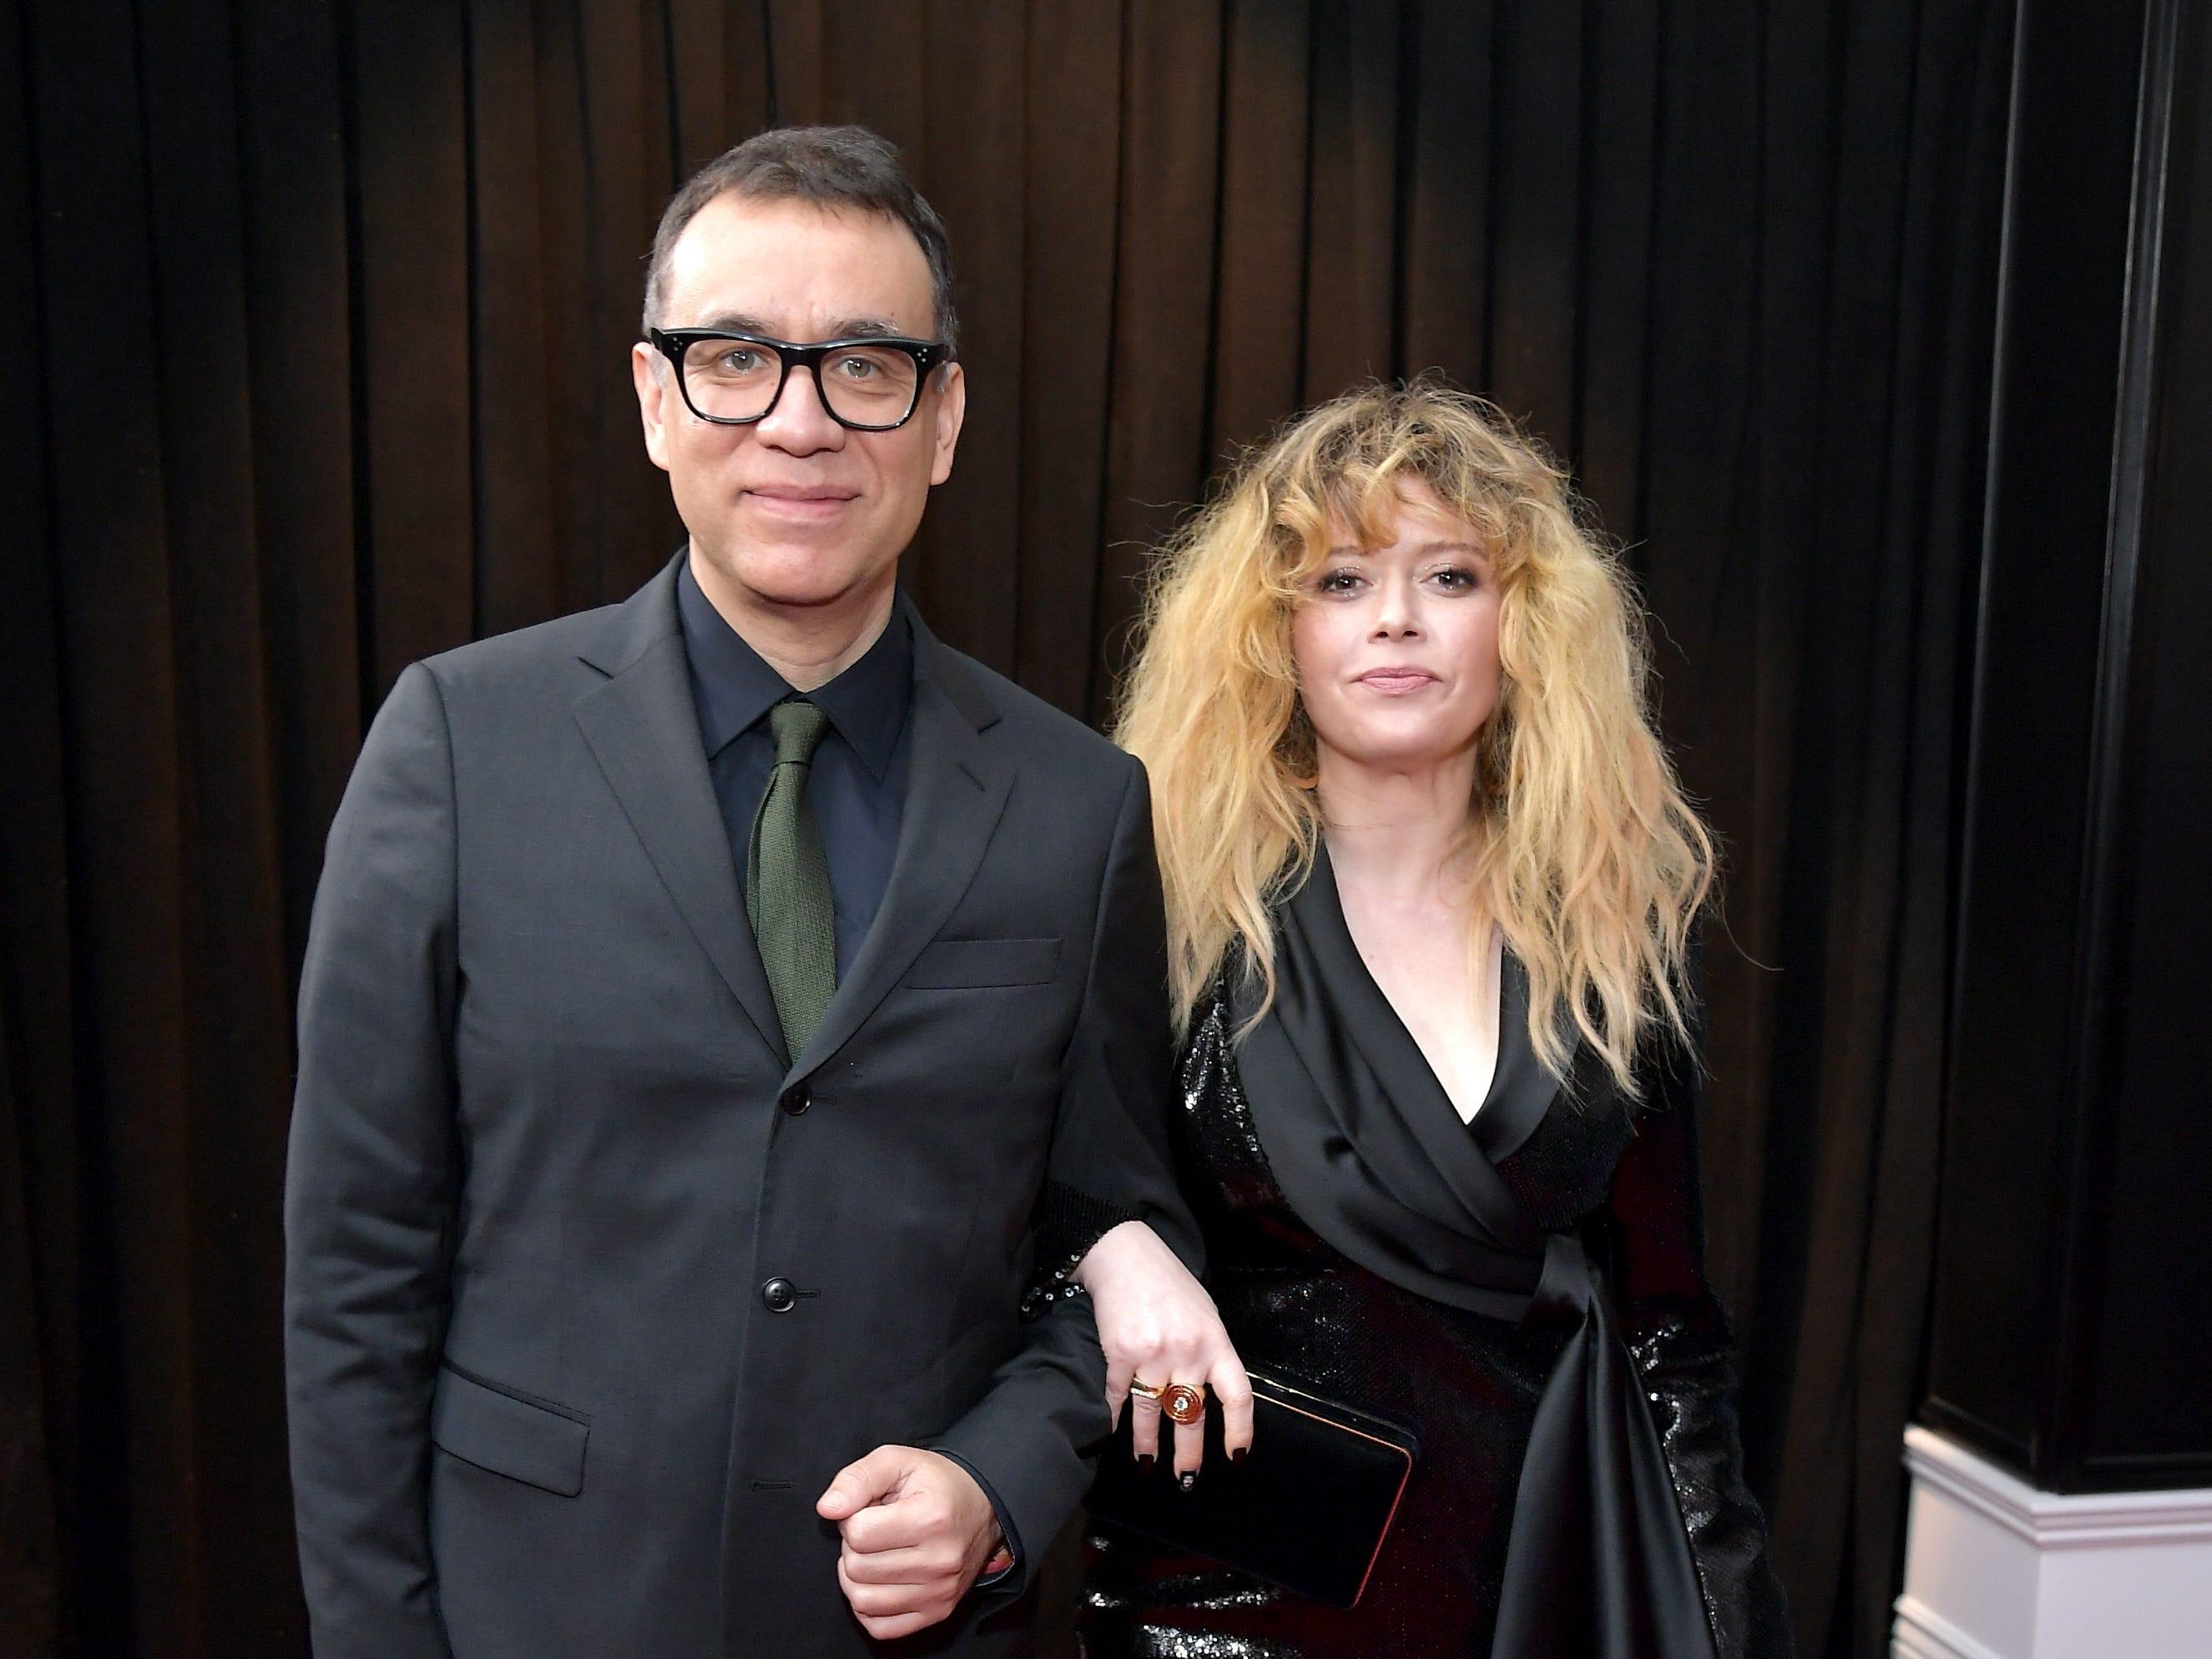 Fred Armisen y Natasha Lyonne  asisten a la 61ª edición de los premios GRAMMY en el Staples Center el 10 de febrero de 2019 en Los Ángeles, California.